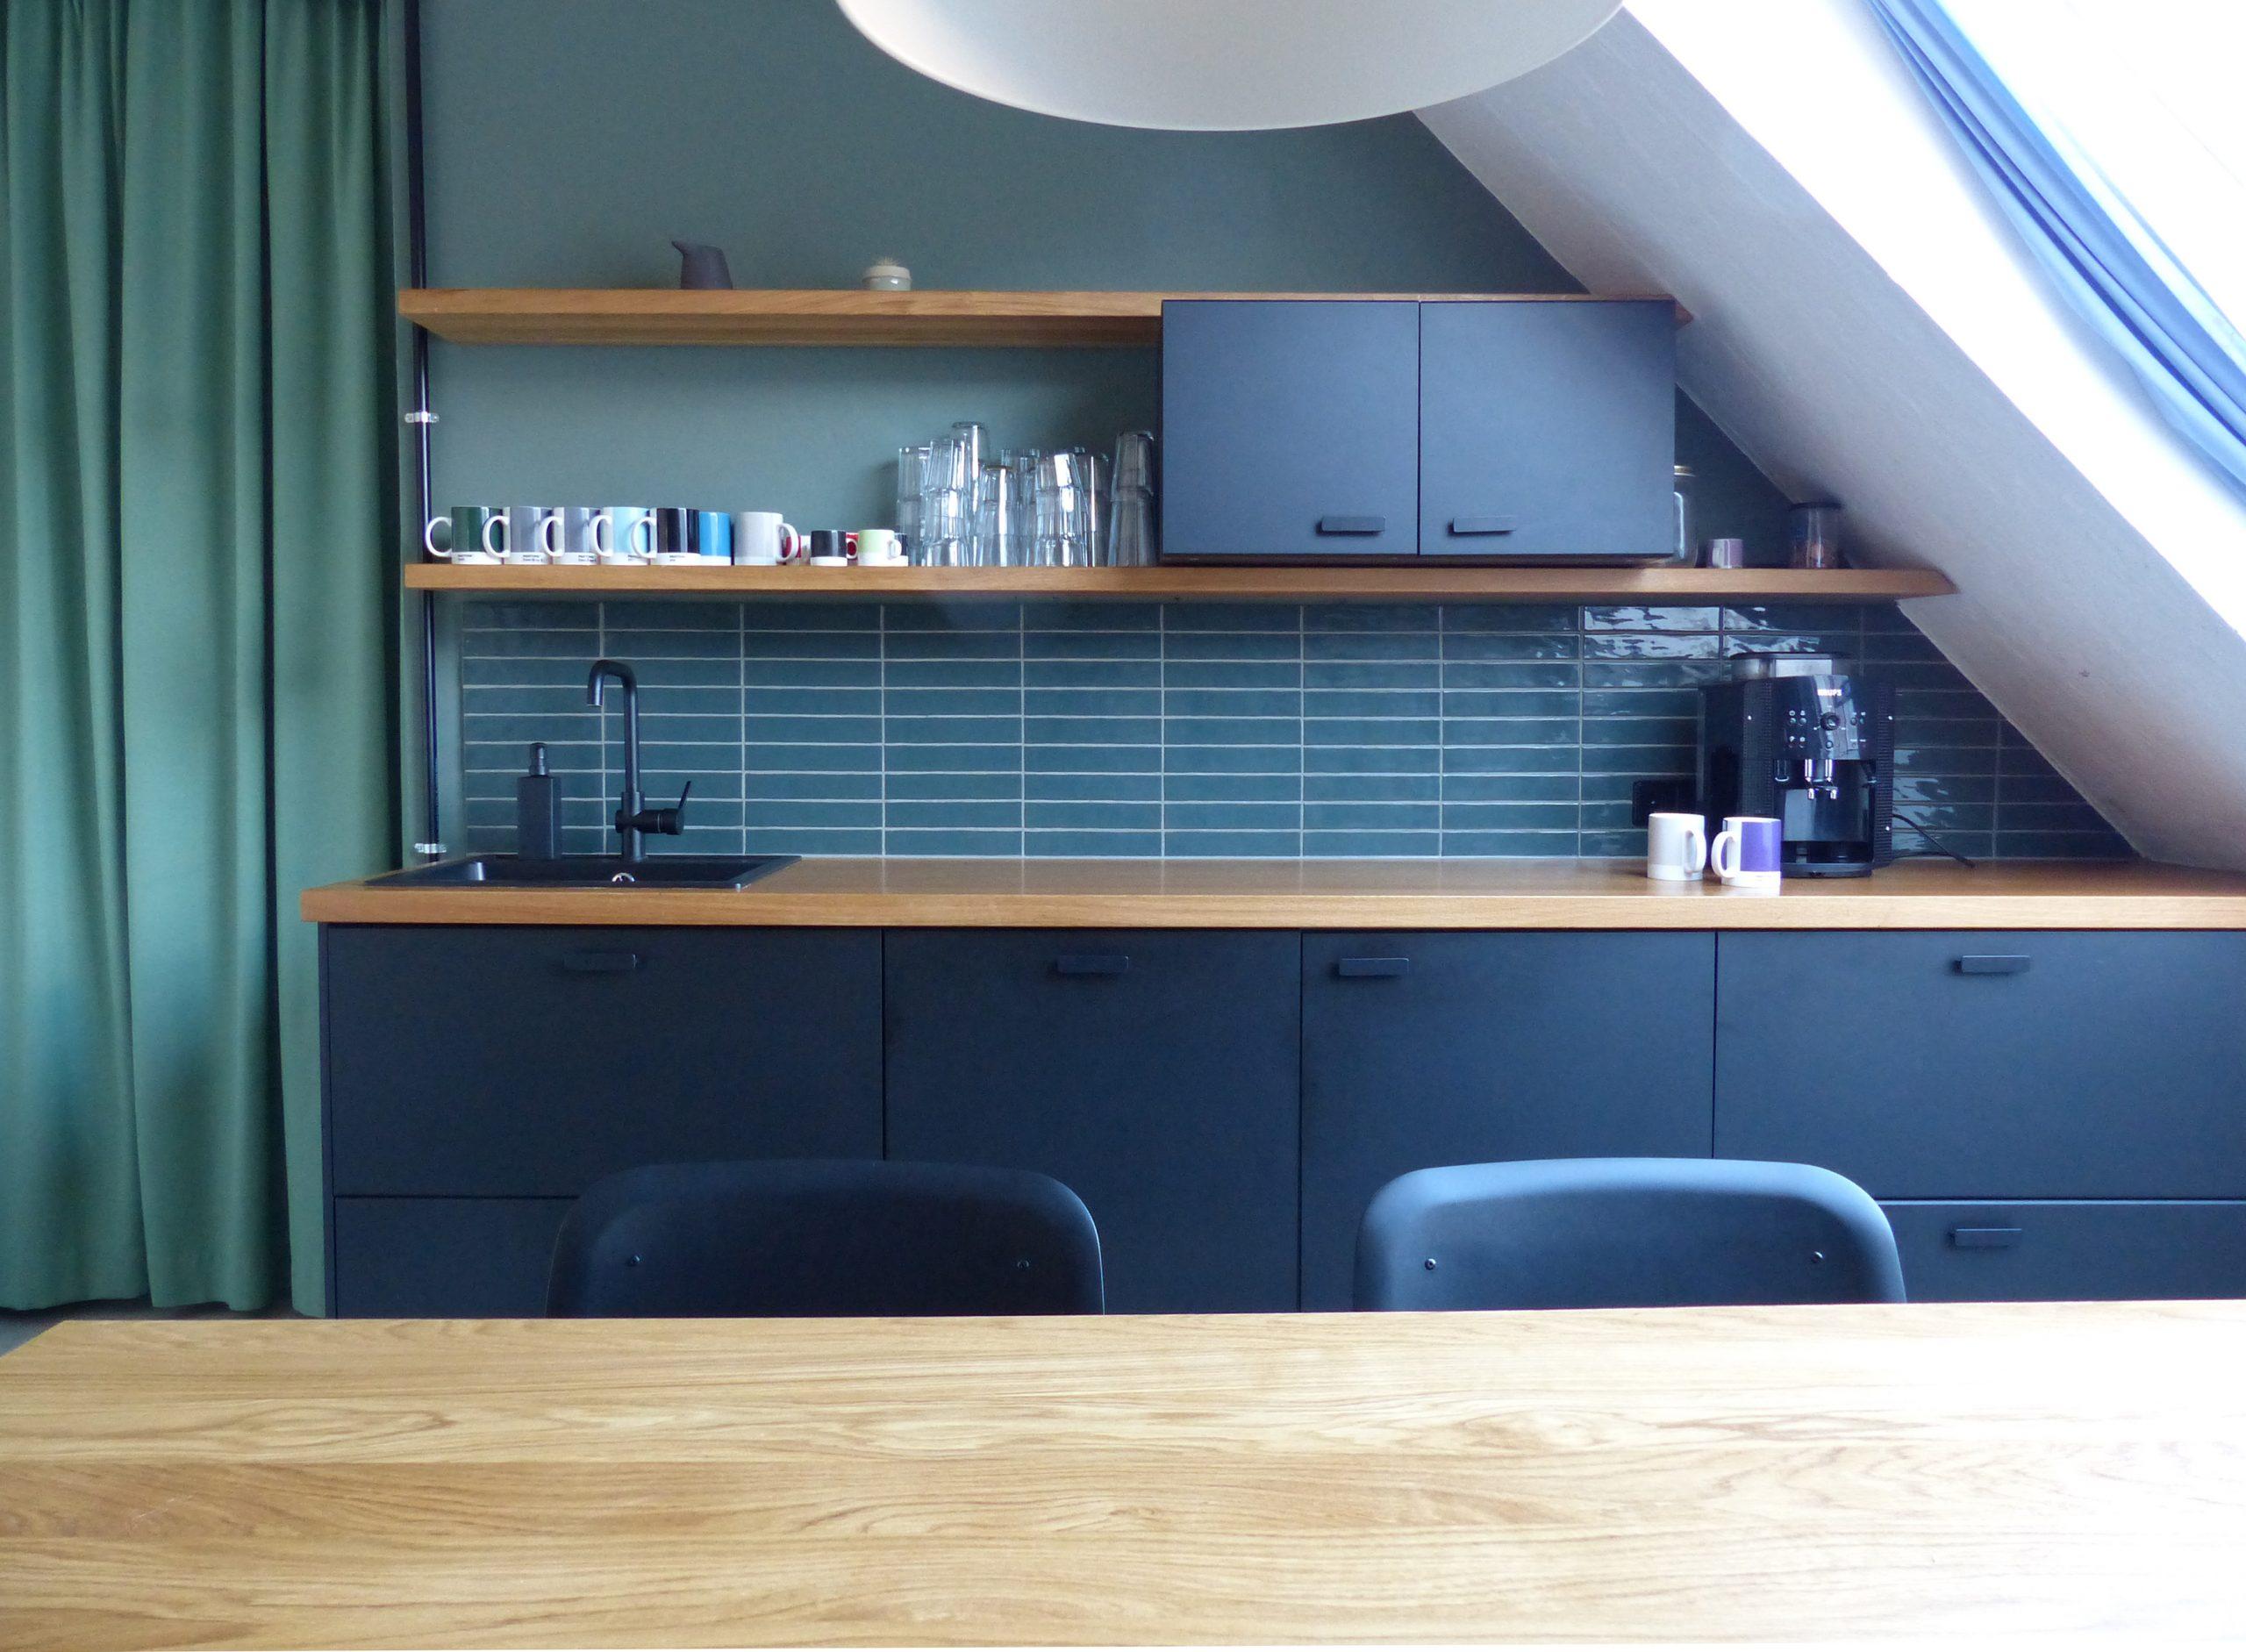 Neuer Küchenbereich für die Agenturen Kreuzbergkind und The Beast/Berlin